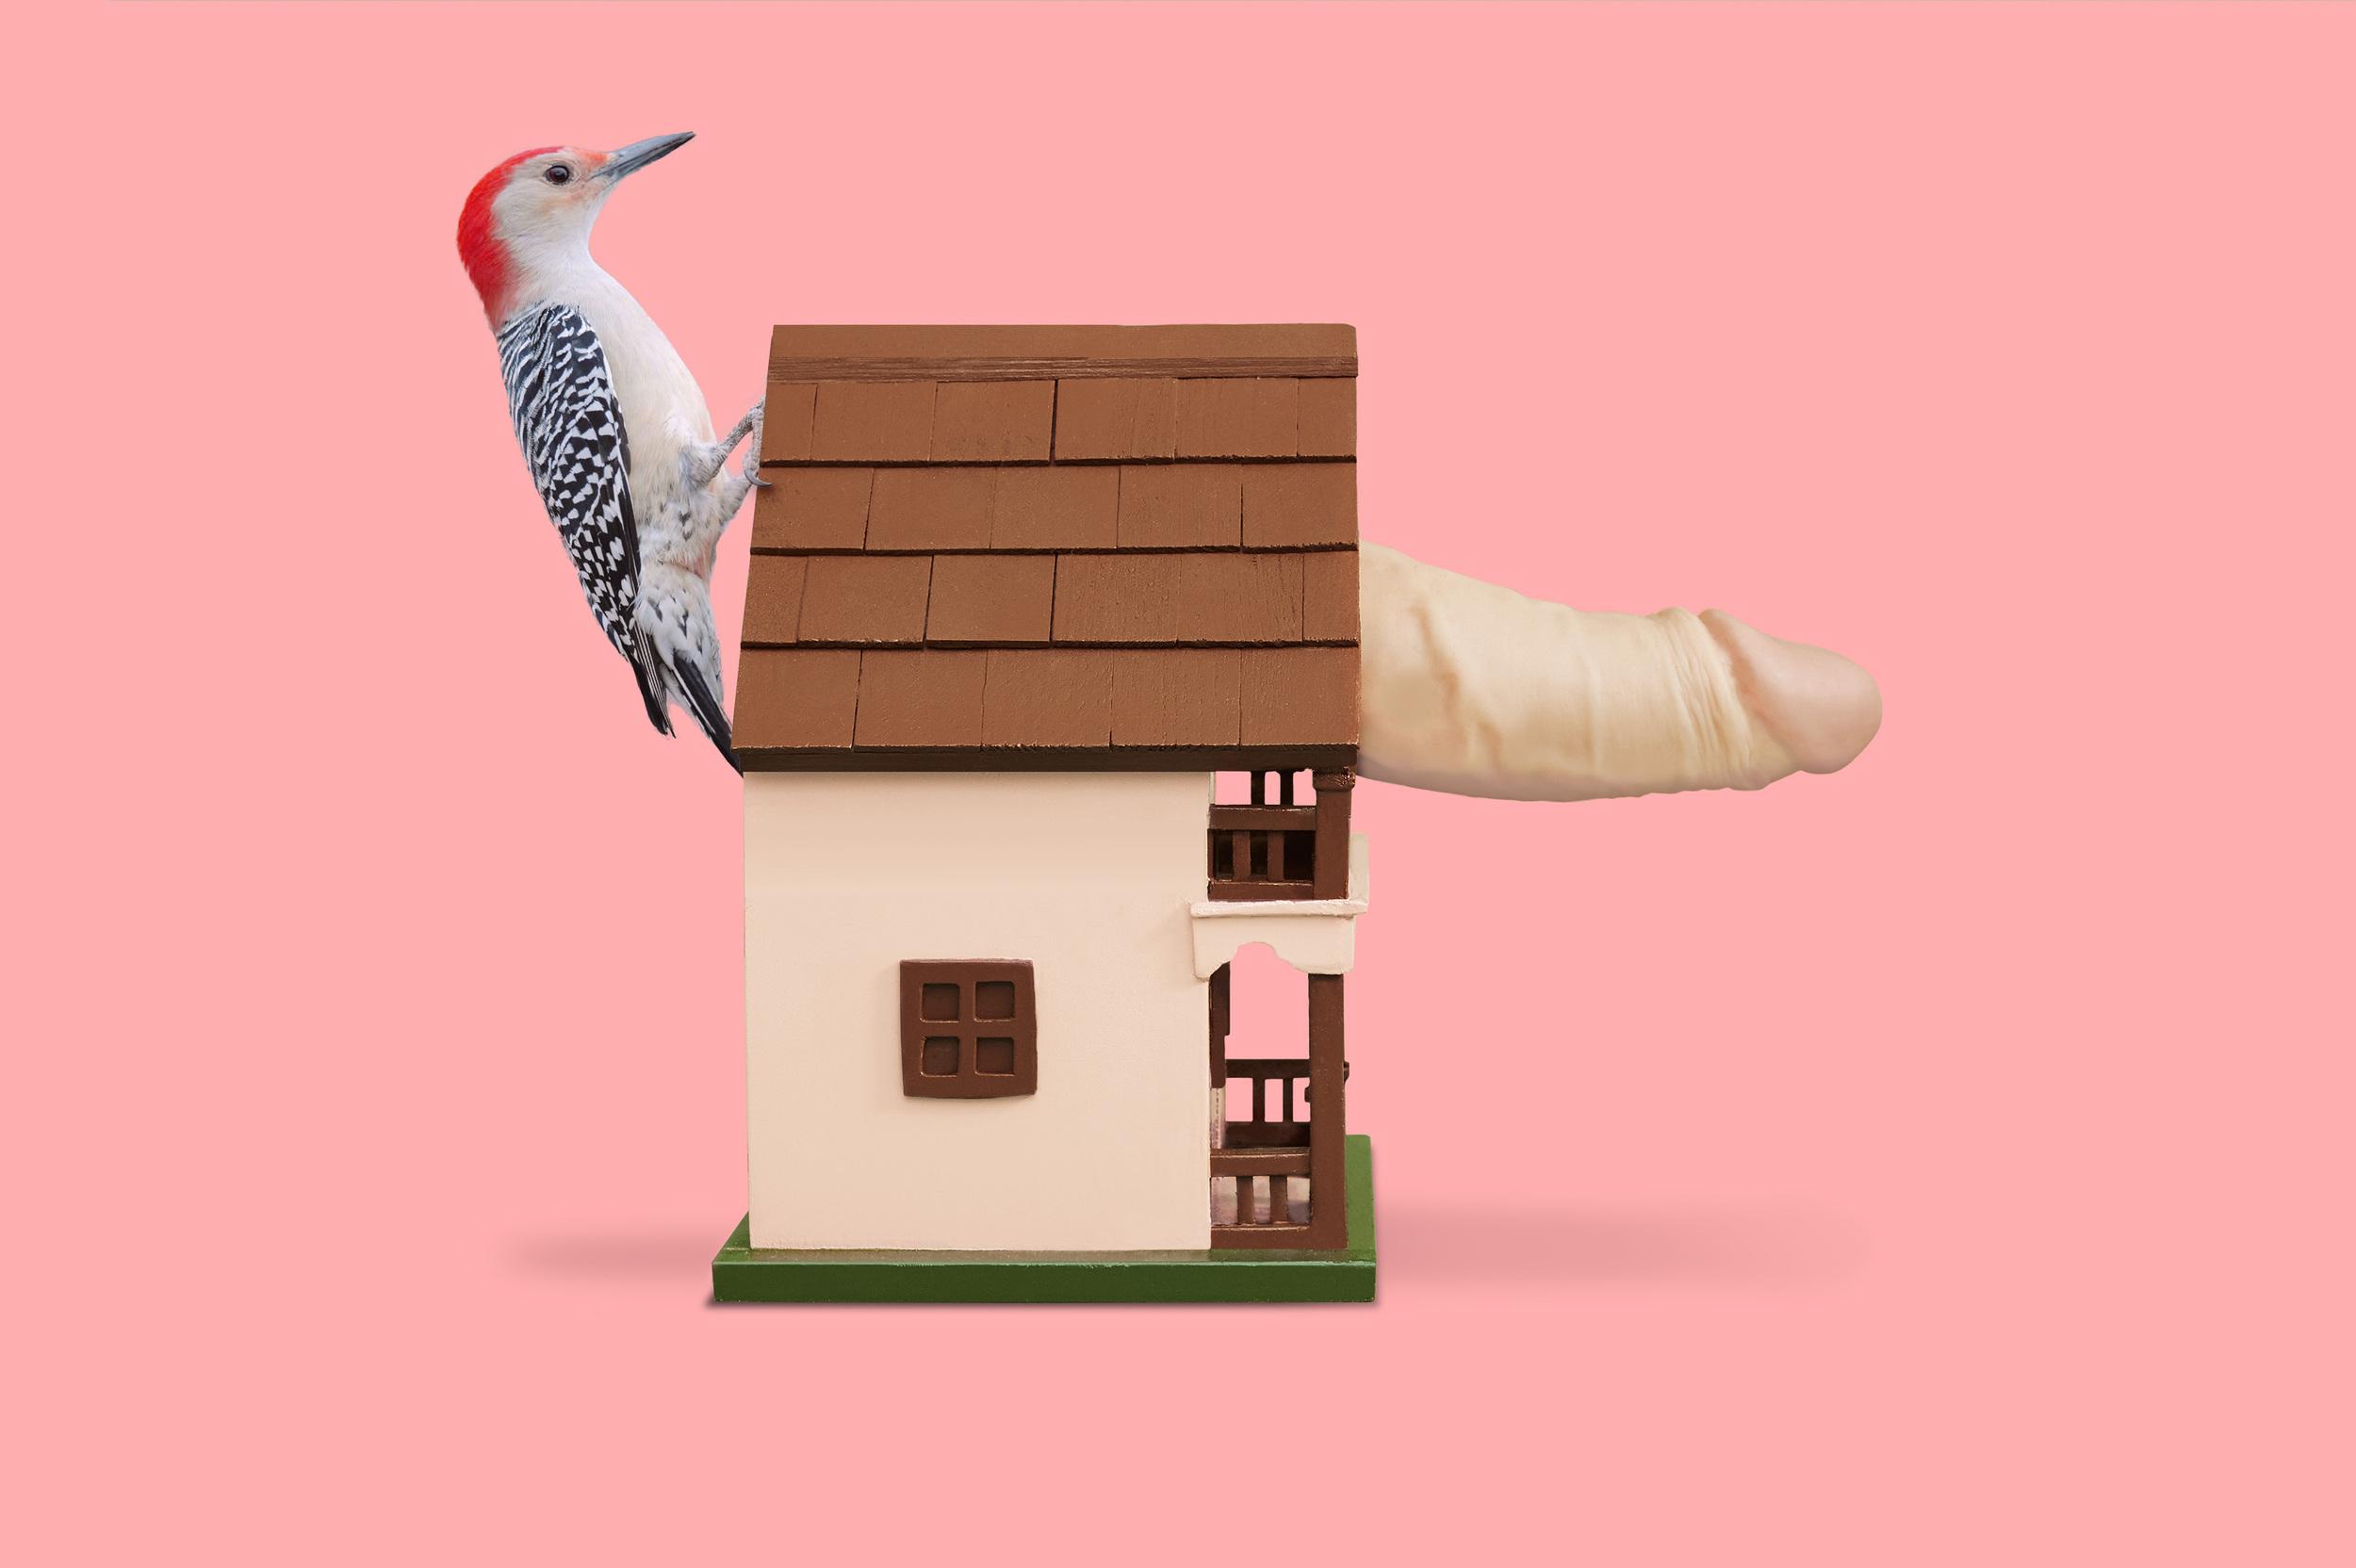 Woodpecker_Props_02_LC2 copy.jpg